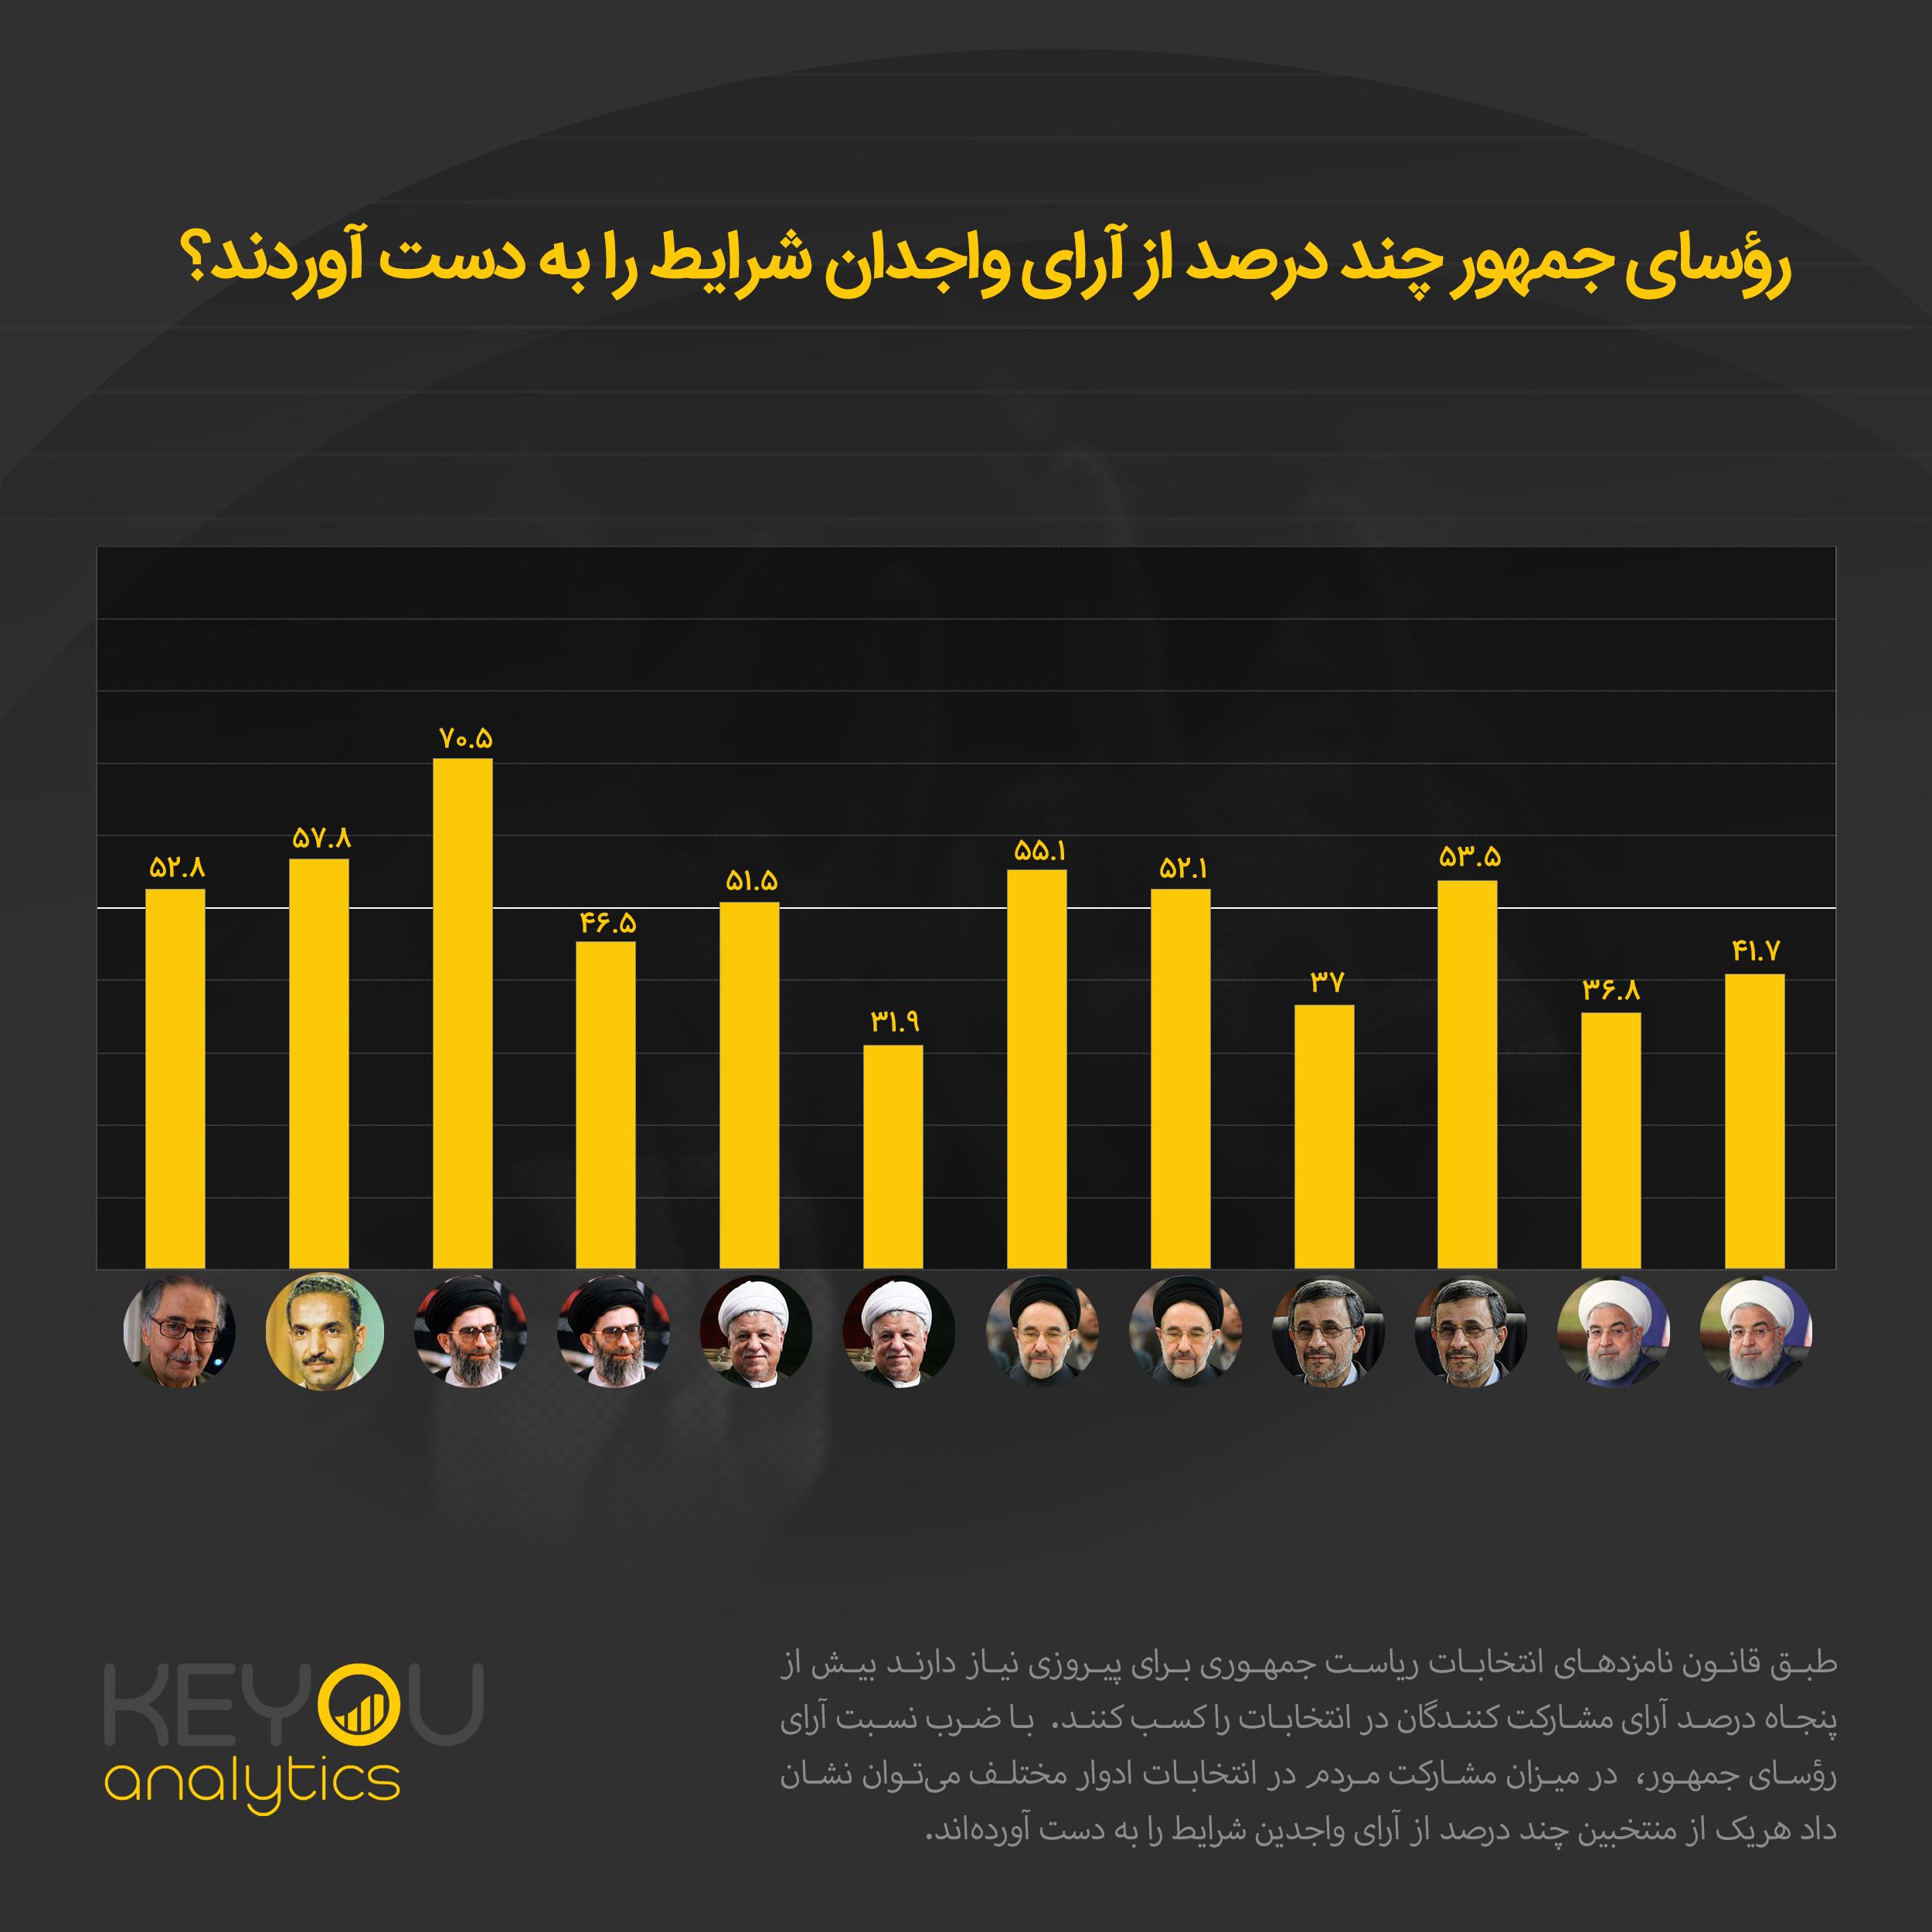 میزان آرای رؤسای جمهور نسبت به کل واجدین شرایط